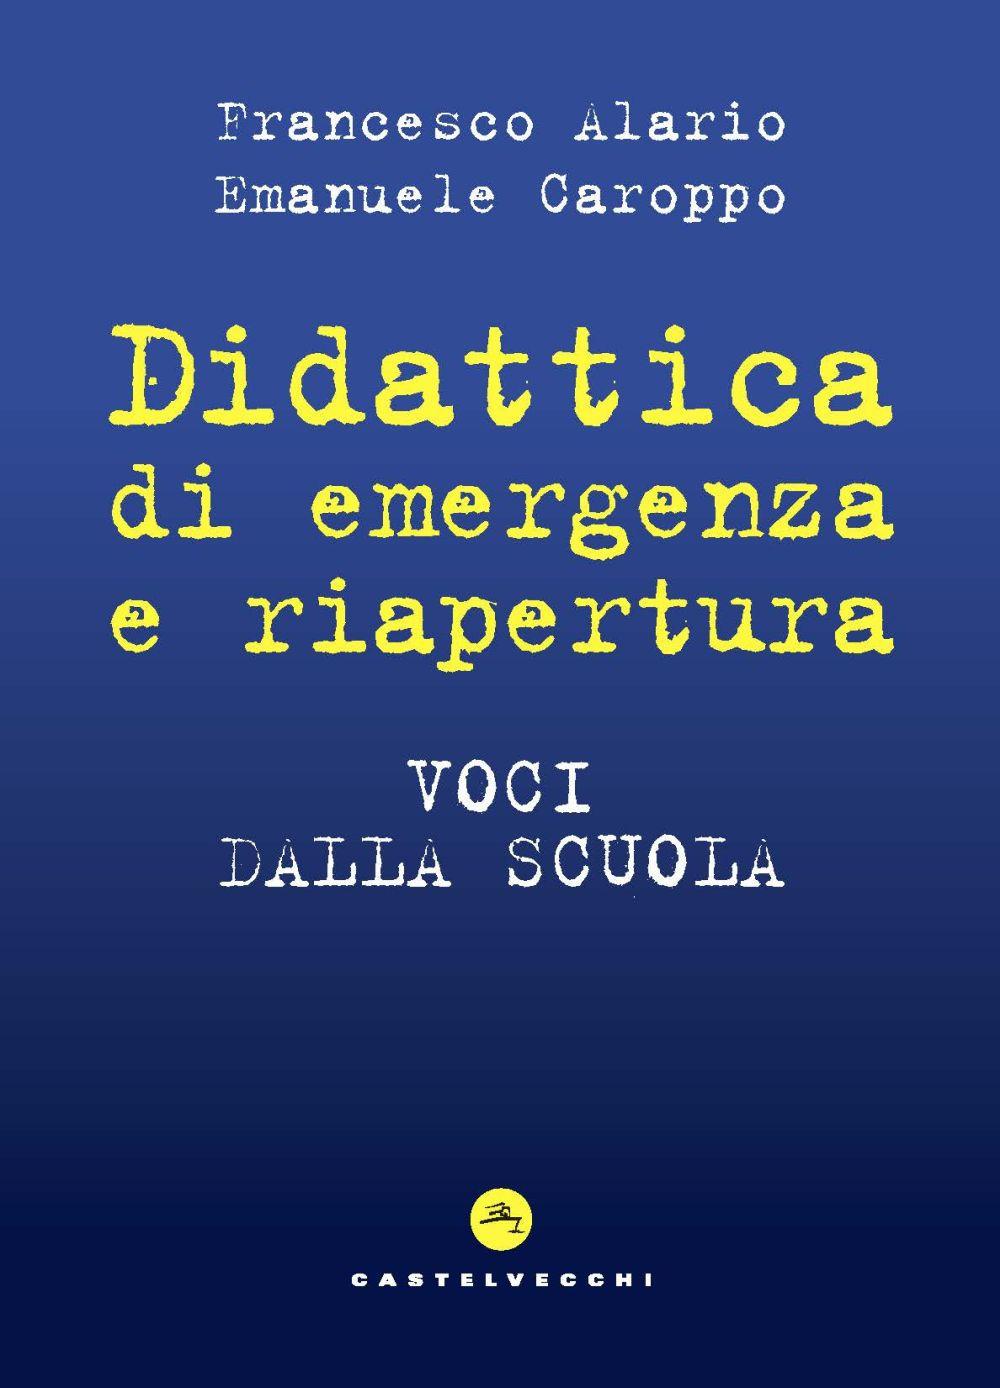 DIDATTICA DI EMERGENZA E RIAPERTURA - Caroppo Luigi; Alario - 9788832901337